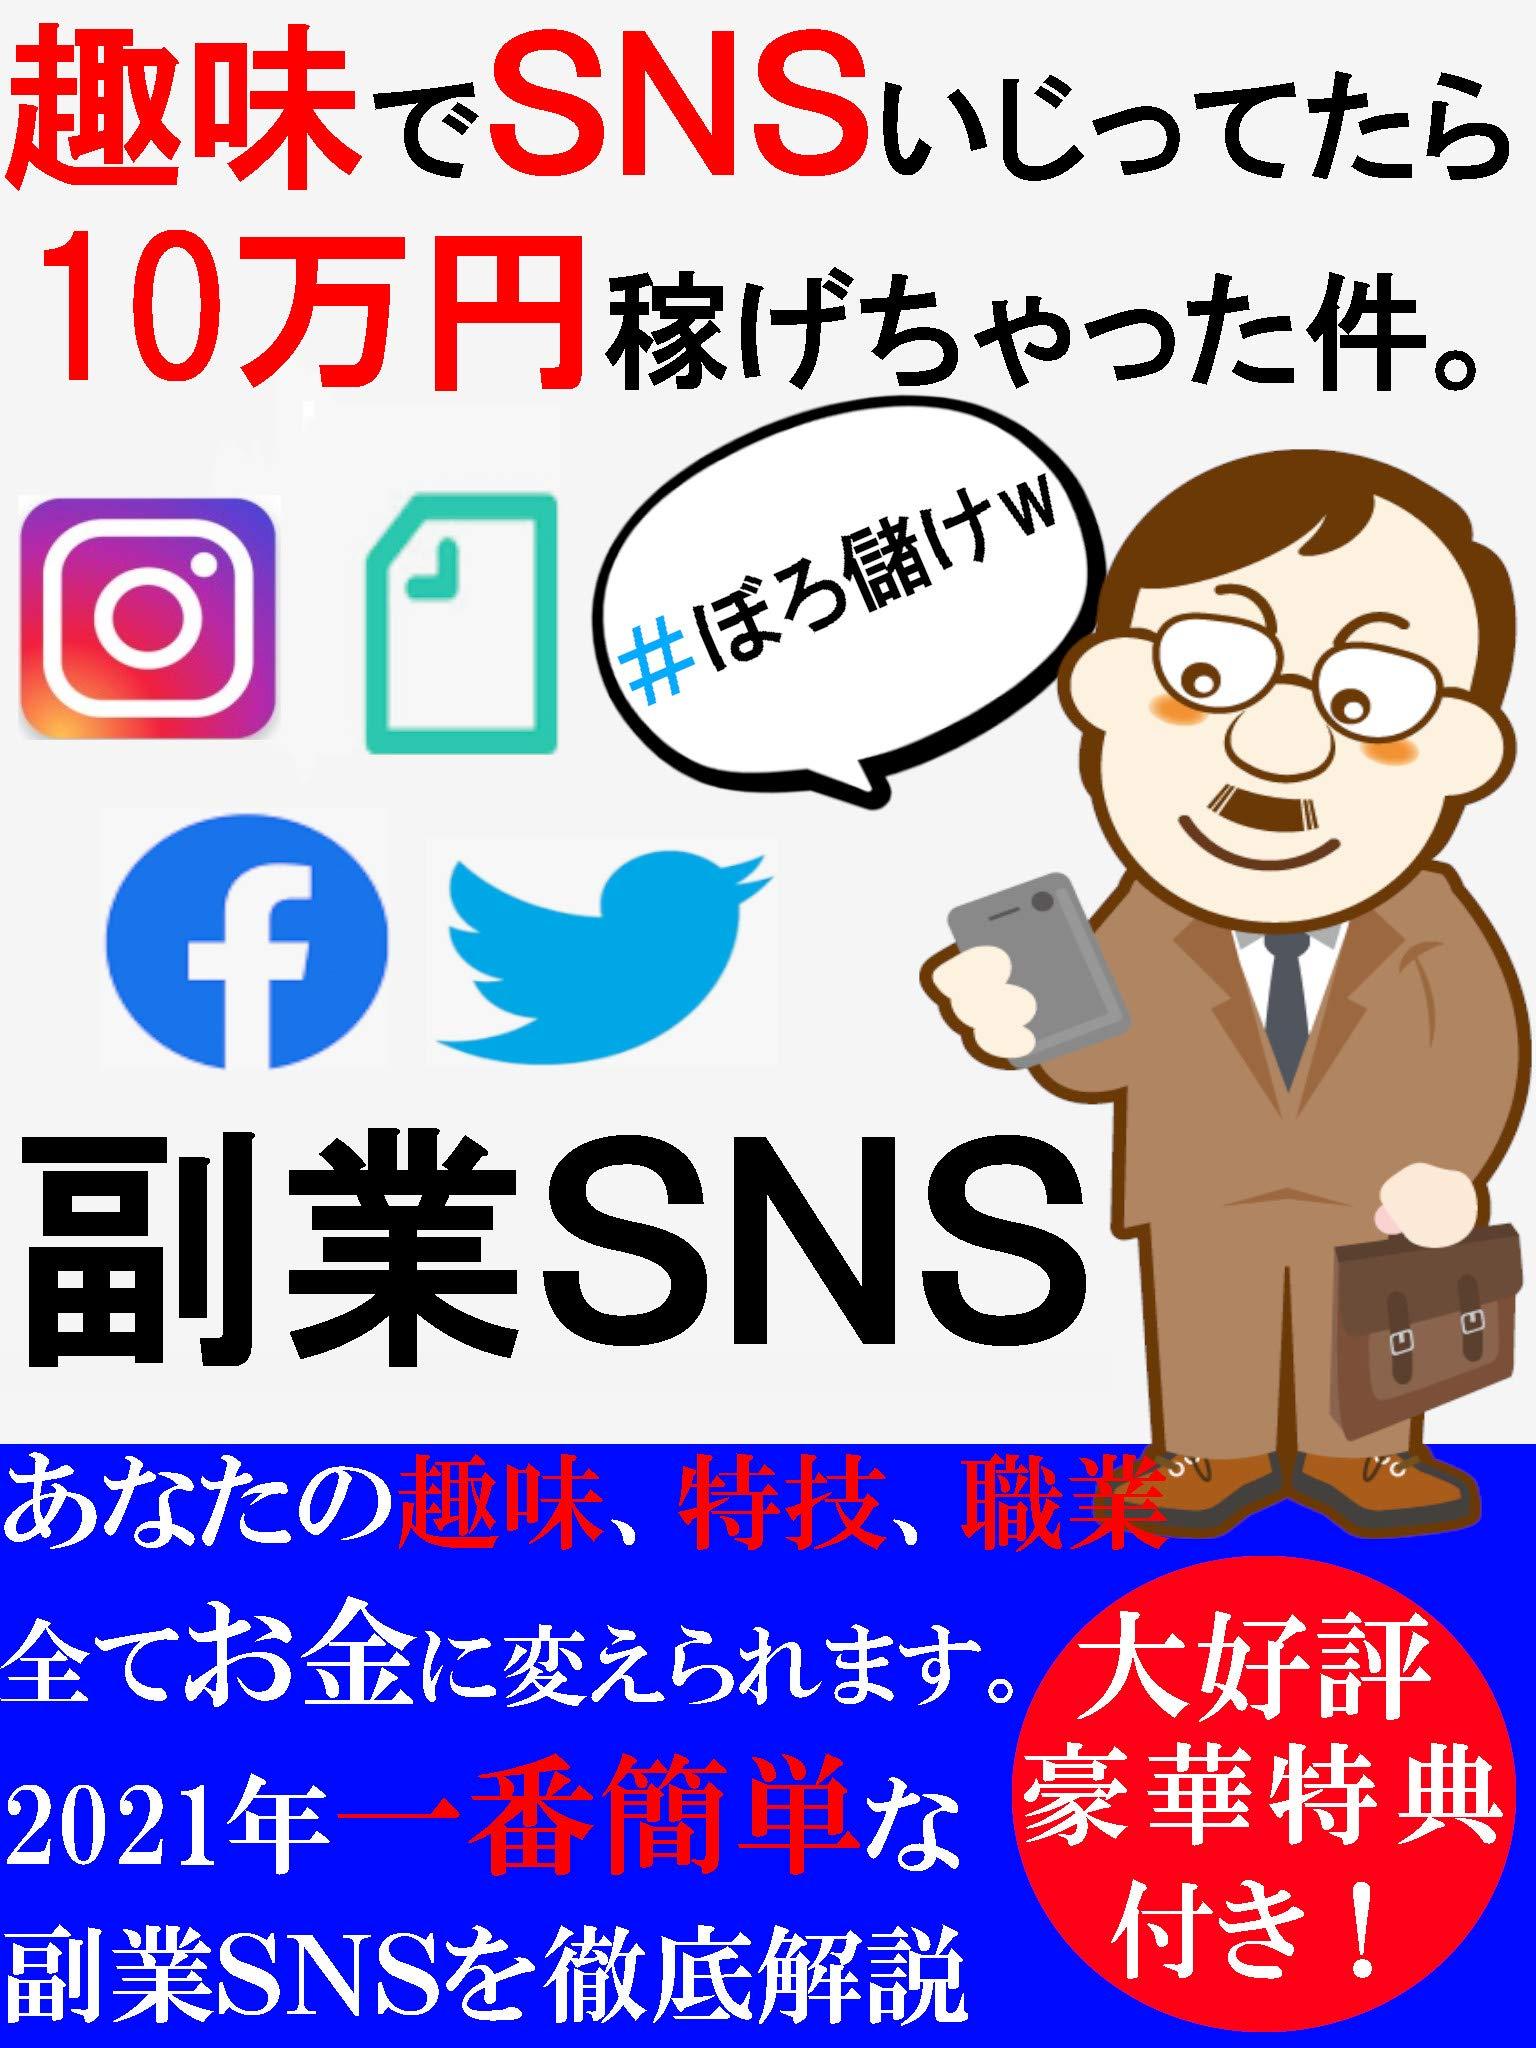 syumidesnsizittetarazyumannenkasegetyattakenhukugyousns (Japanese Edition)